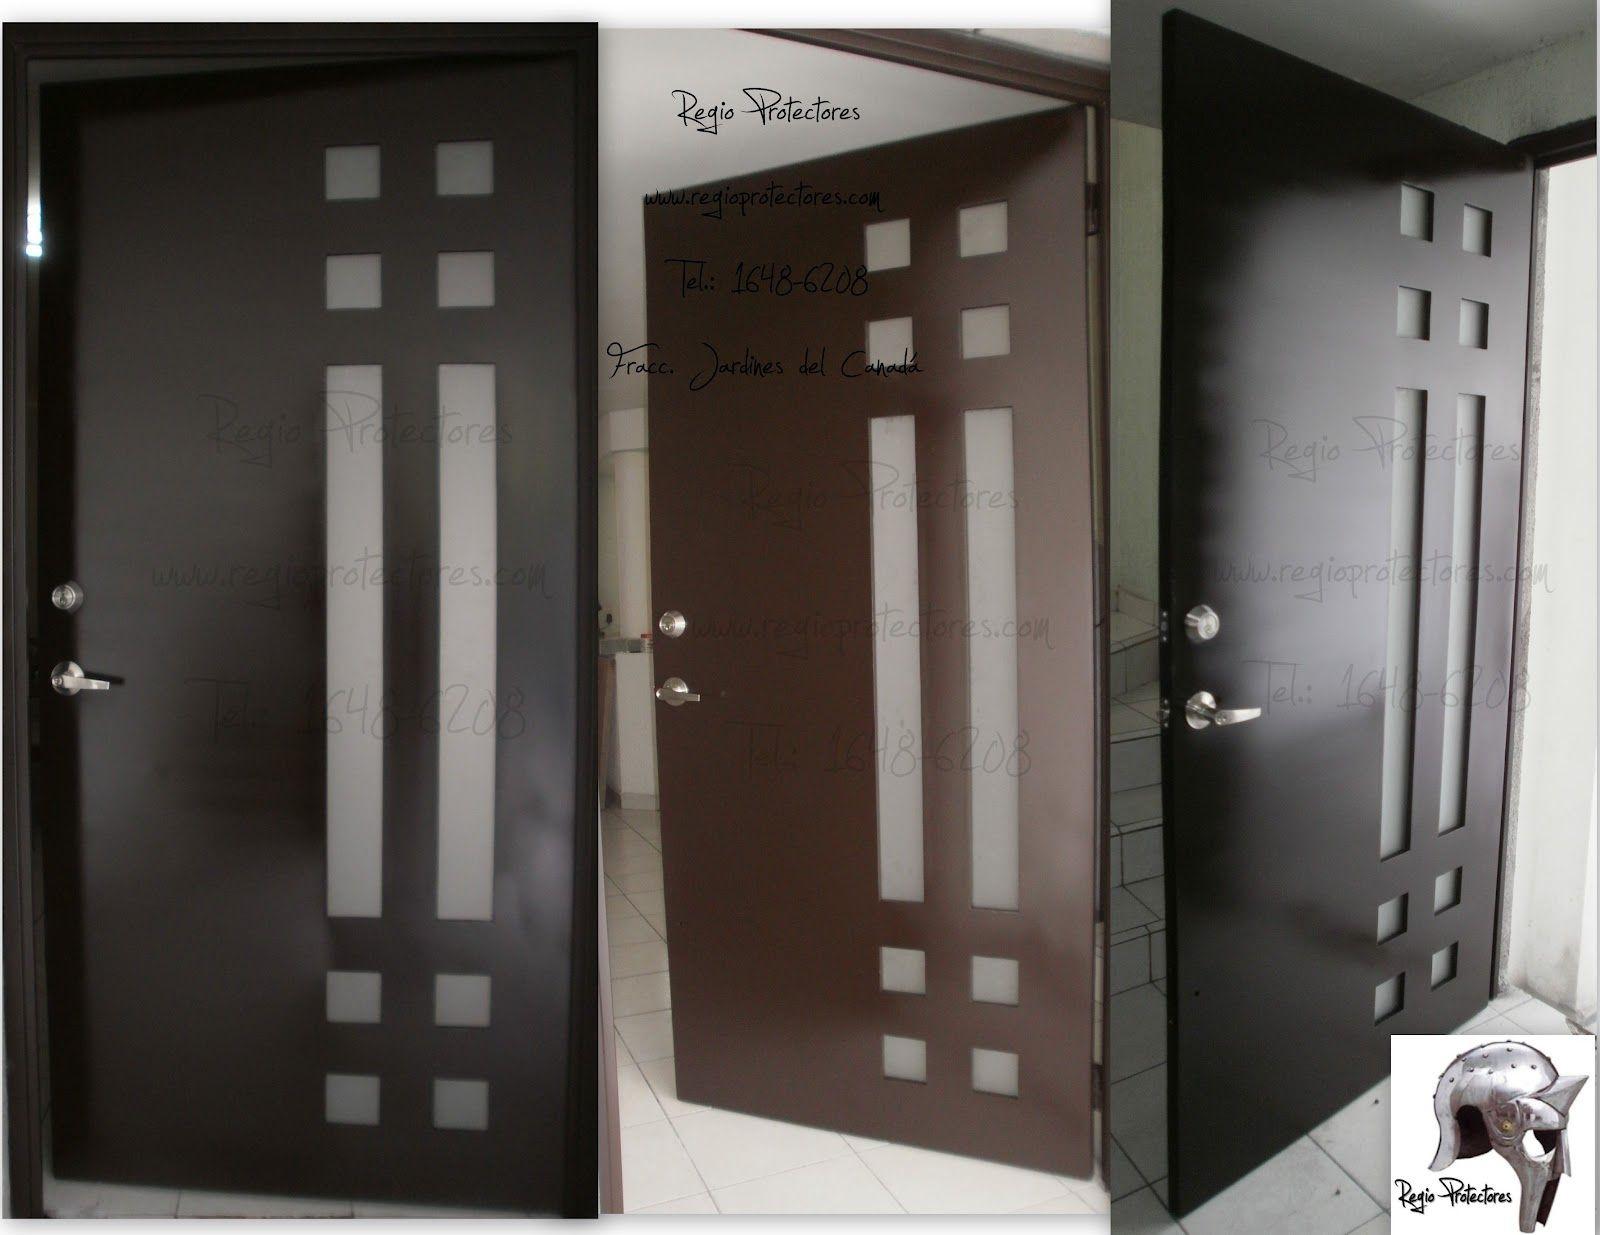 Regio protectores protectores para ventanas puertas for Doble puerta entrada casa